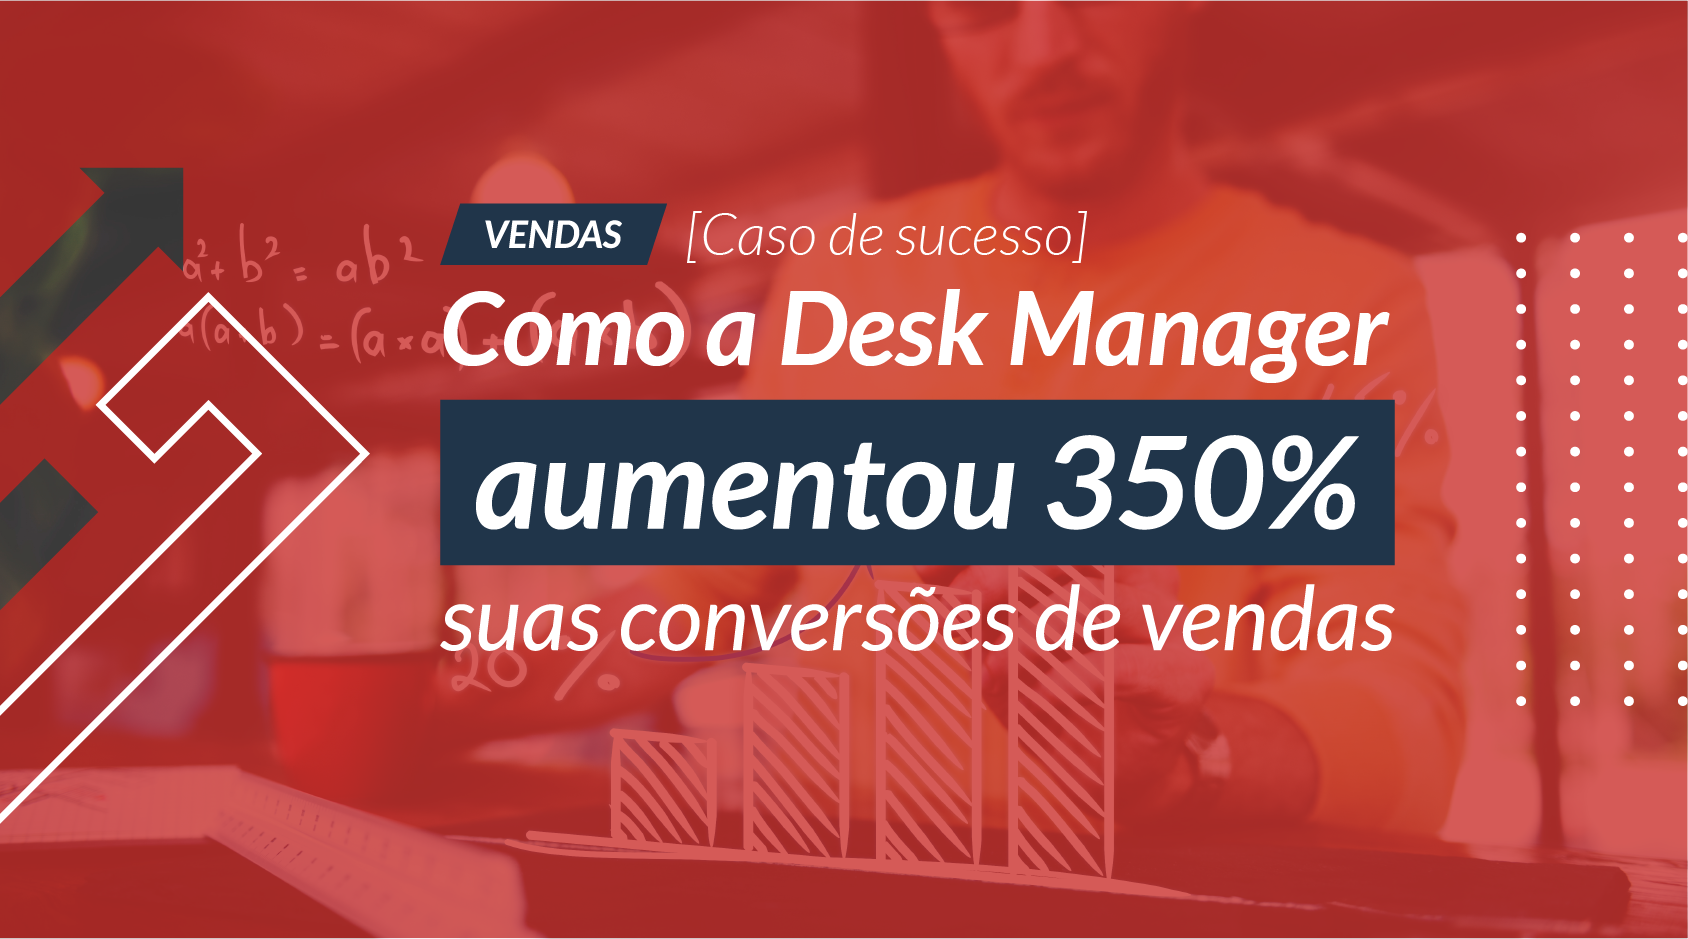 [Caso de Sucesso] Como a Desk Manager aumentou 350% suas conversões de vendas